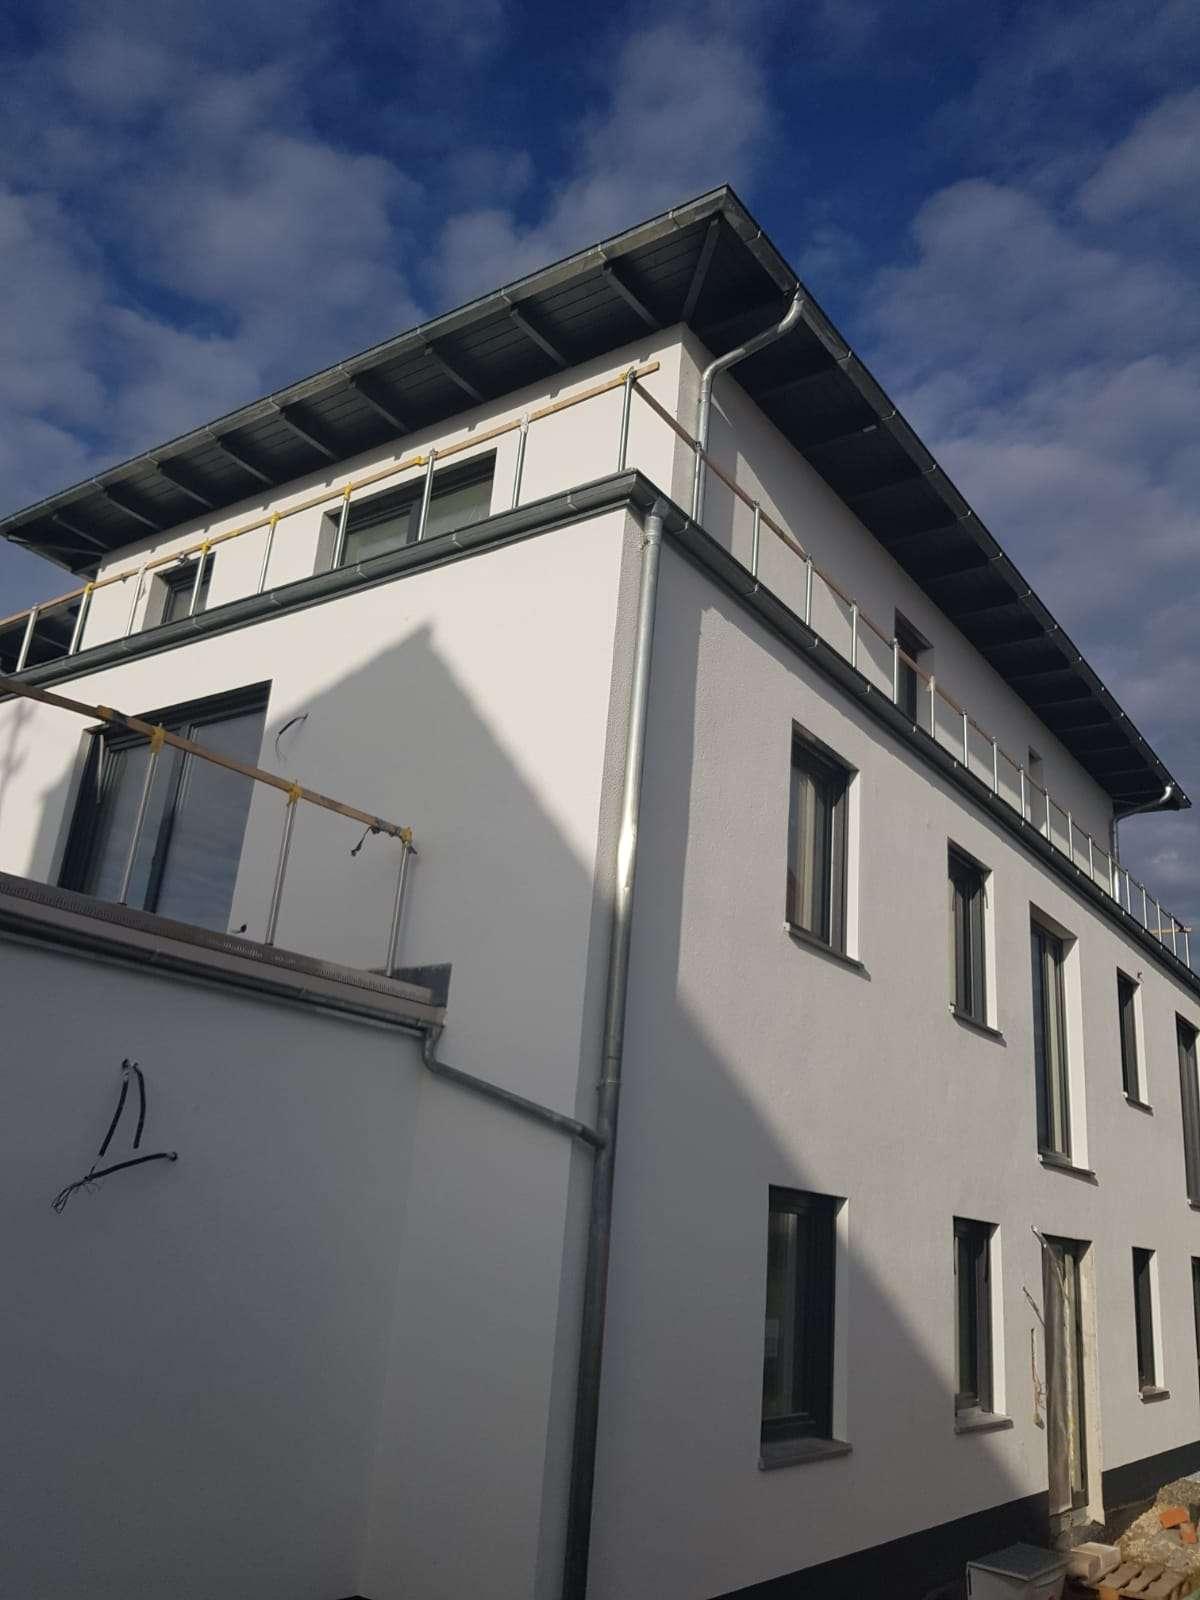 NEUMANN- Schöne Gartenwohnung - Neubau inkl. Einbauküche in Mailing (Ingolstadt)